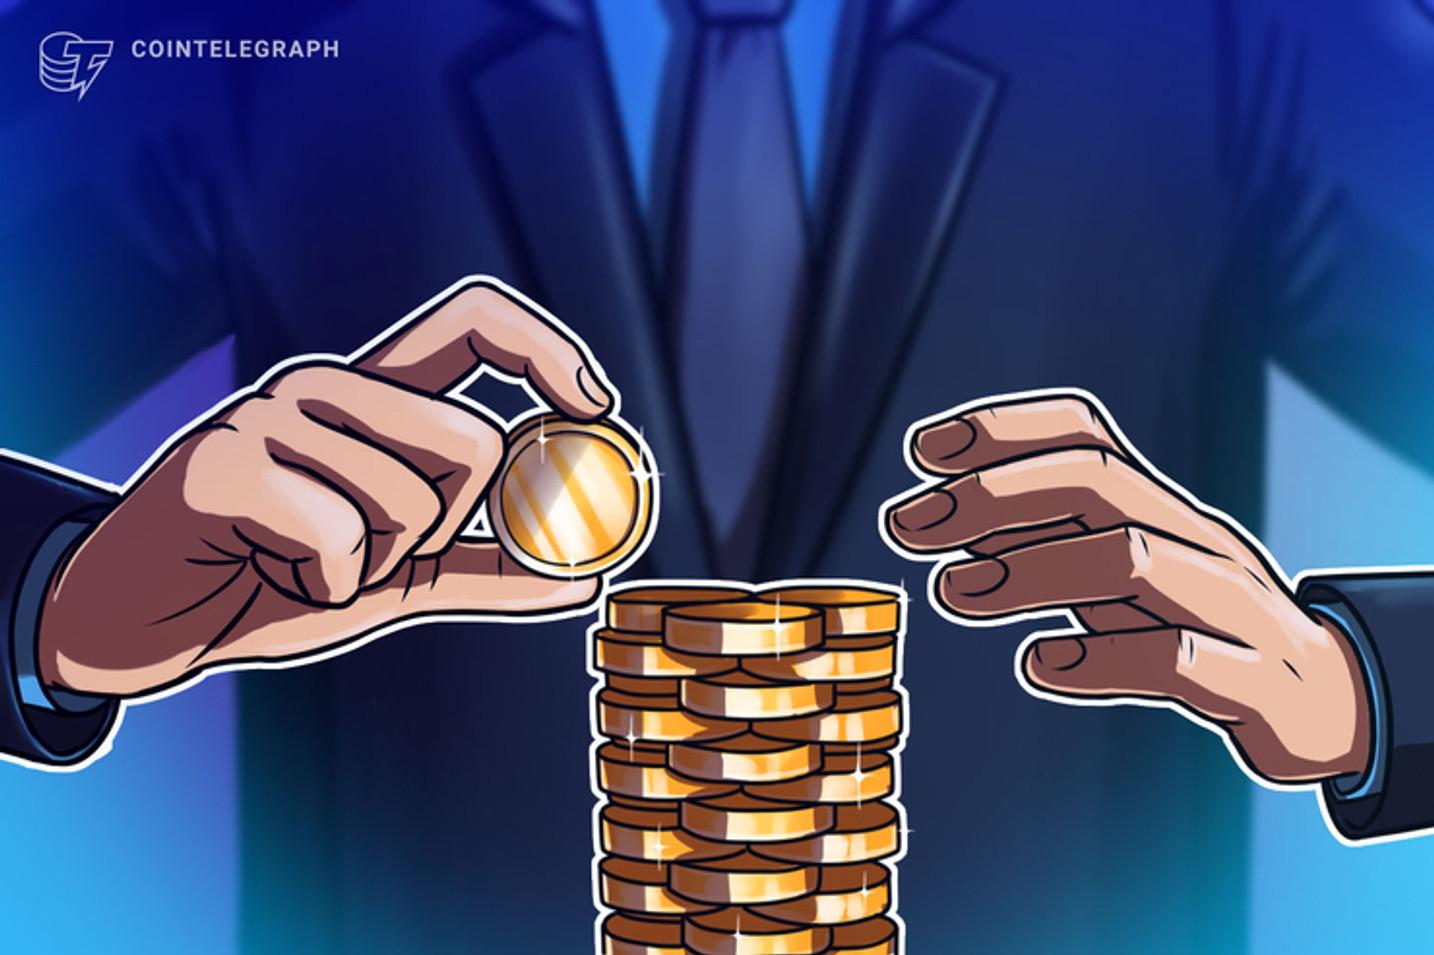 Chile: CryptoMarket lanzó la plataforma Uppercap para levantamiento de capital con blockchain